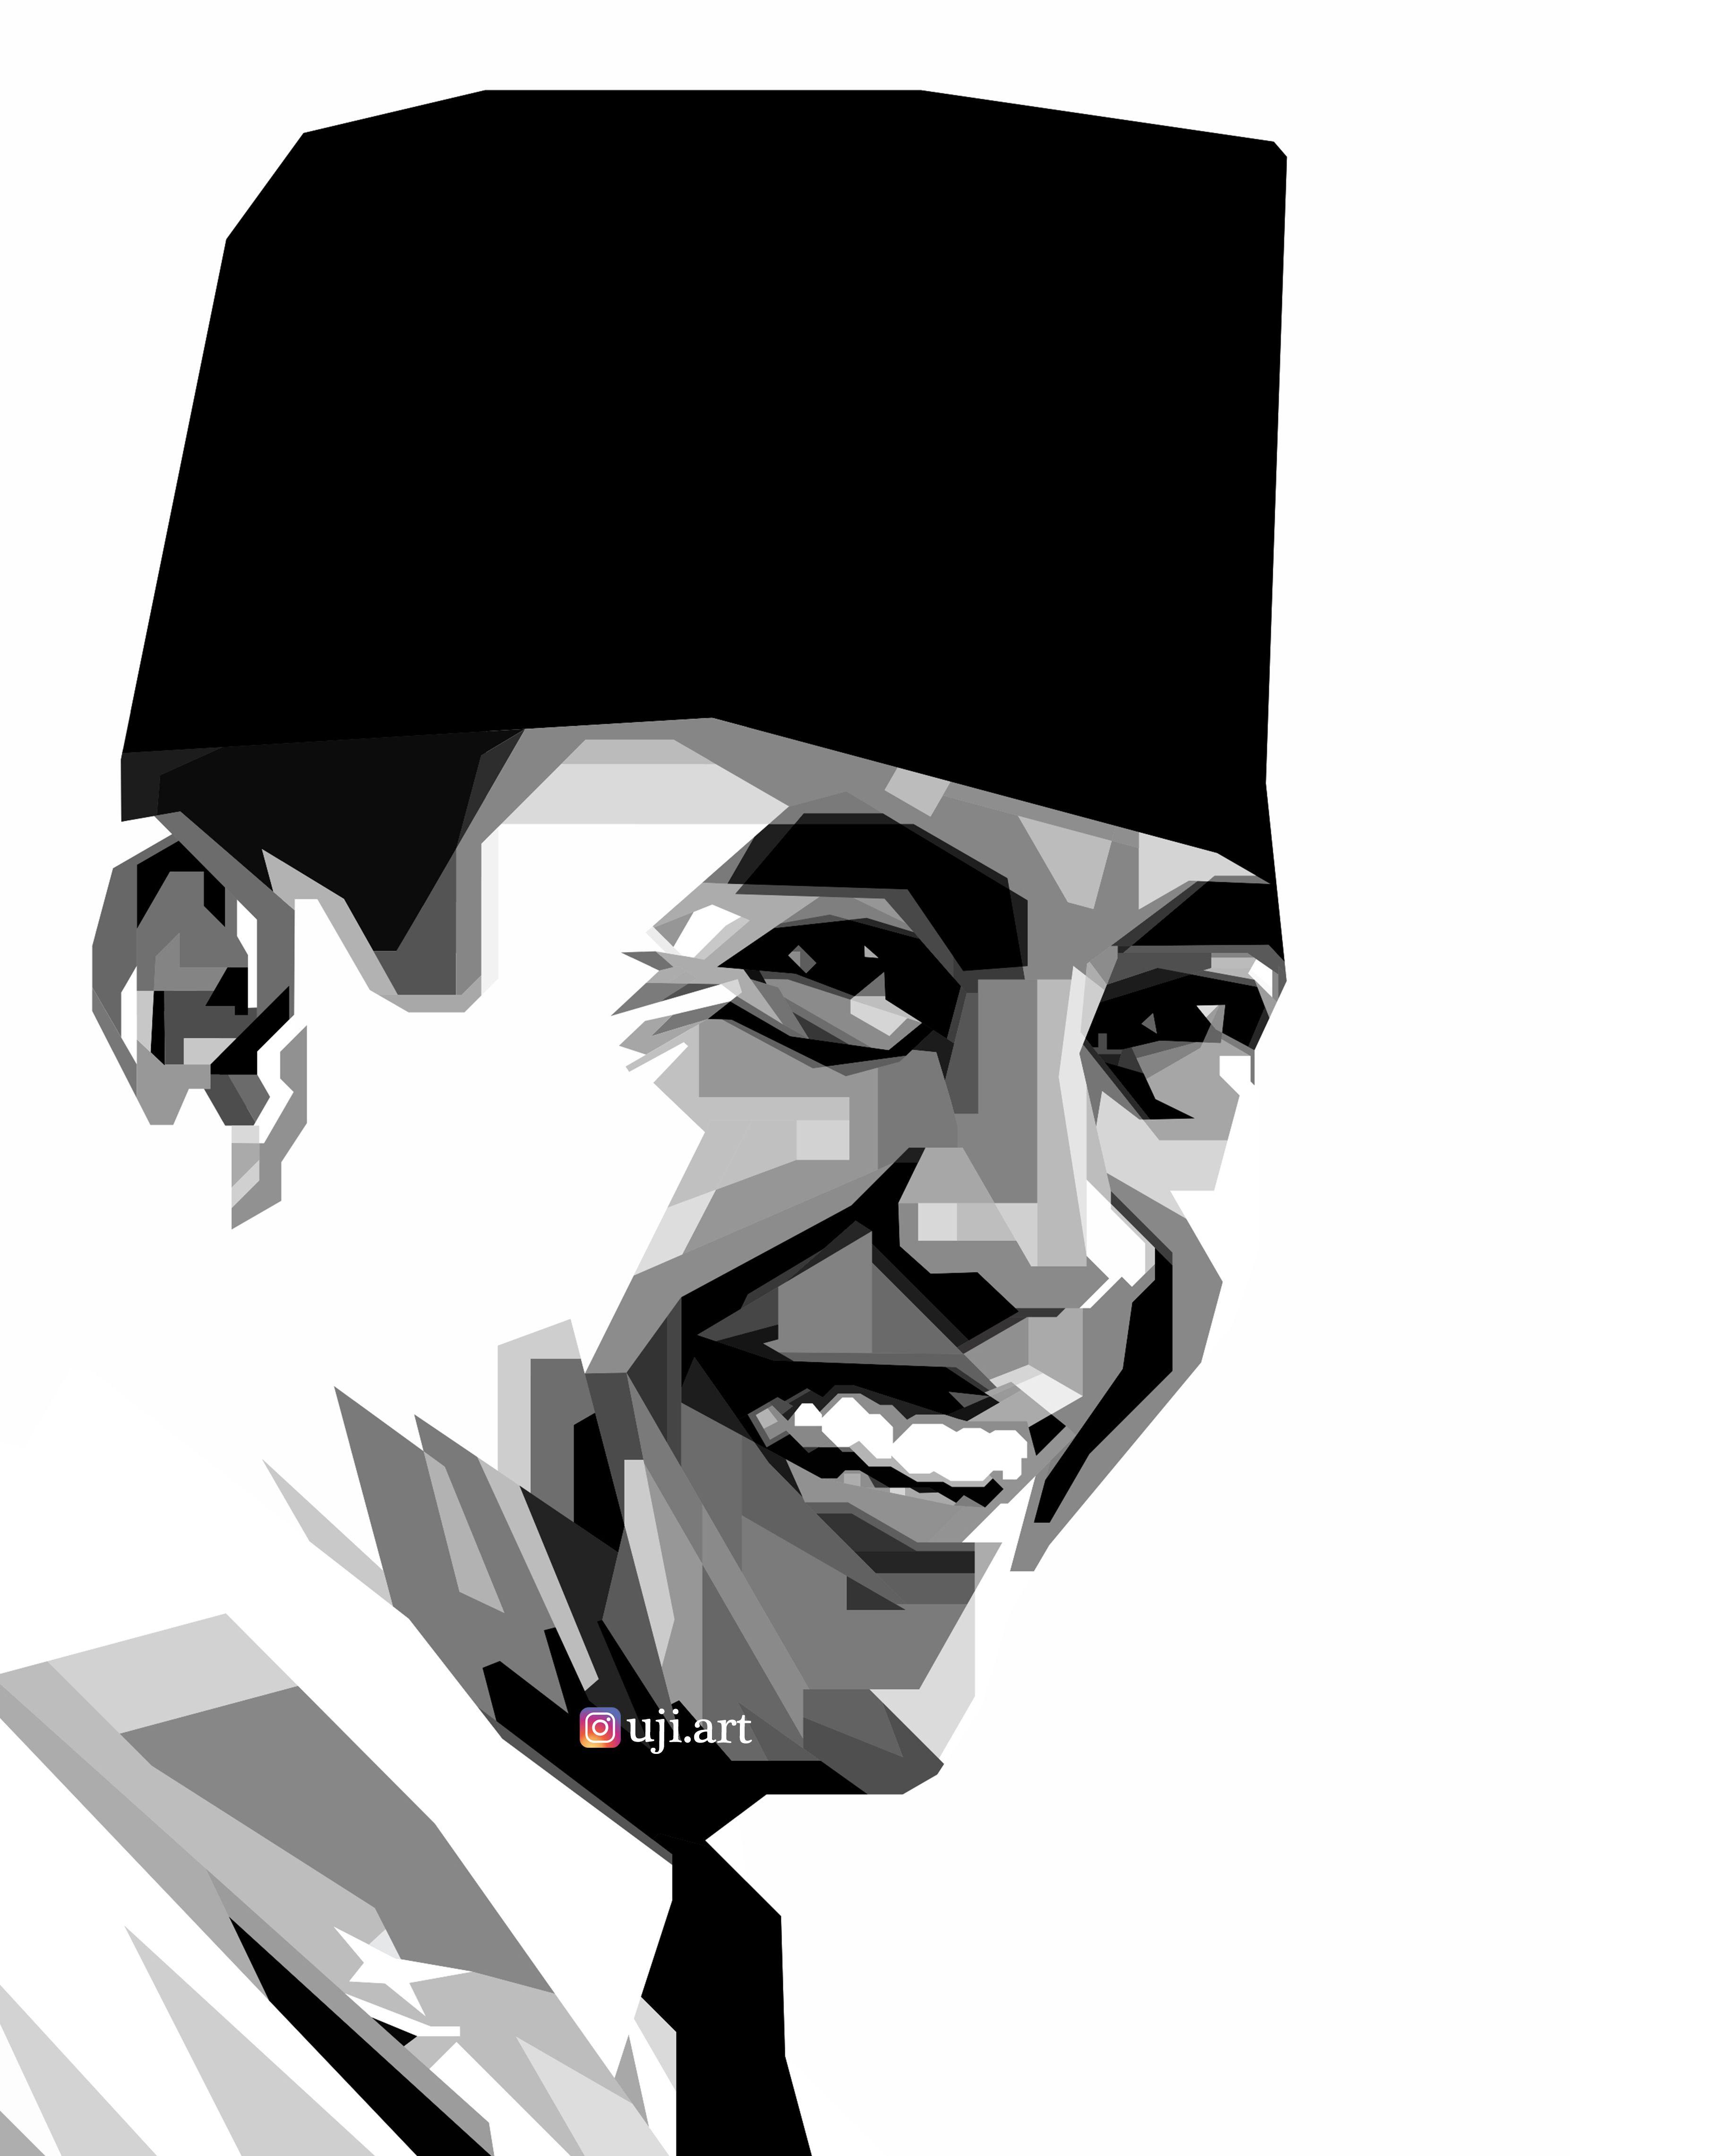 Gambar Soekarno Hitam Putih : gambar, soekarno, hitam, putih, Grayscale, Soekarno, First, President, Republic, Indonesia, Tokoh, Sejarah,, Karya